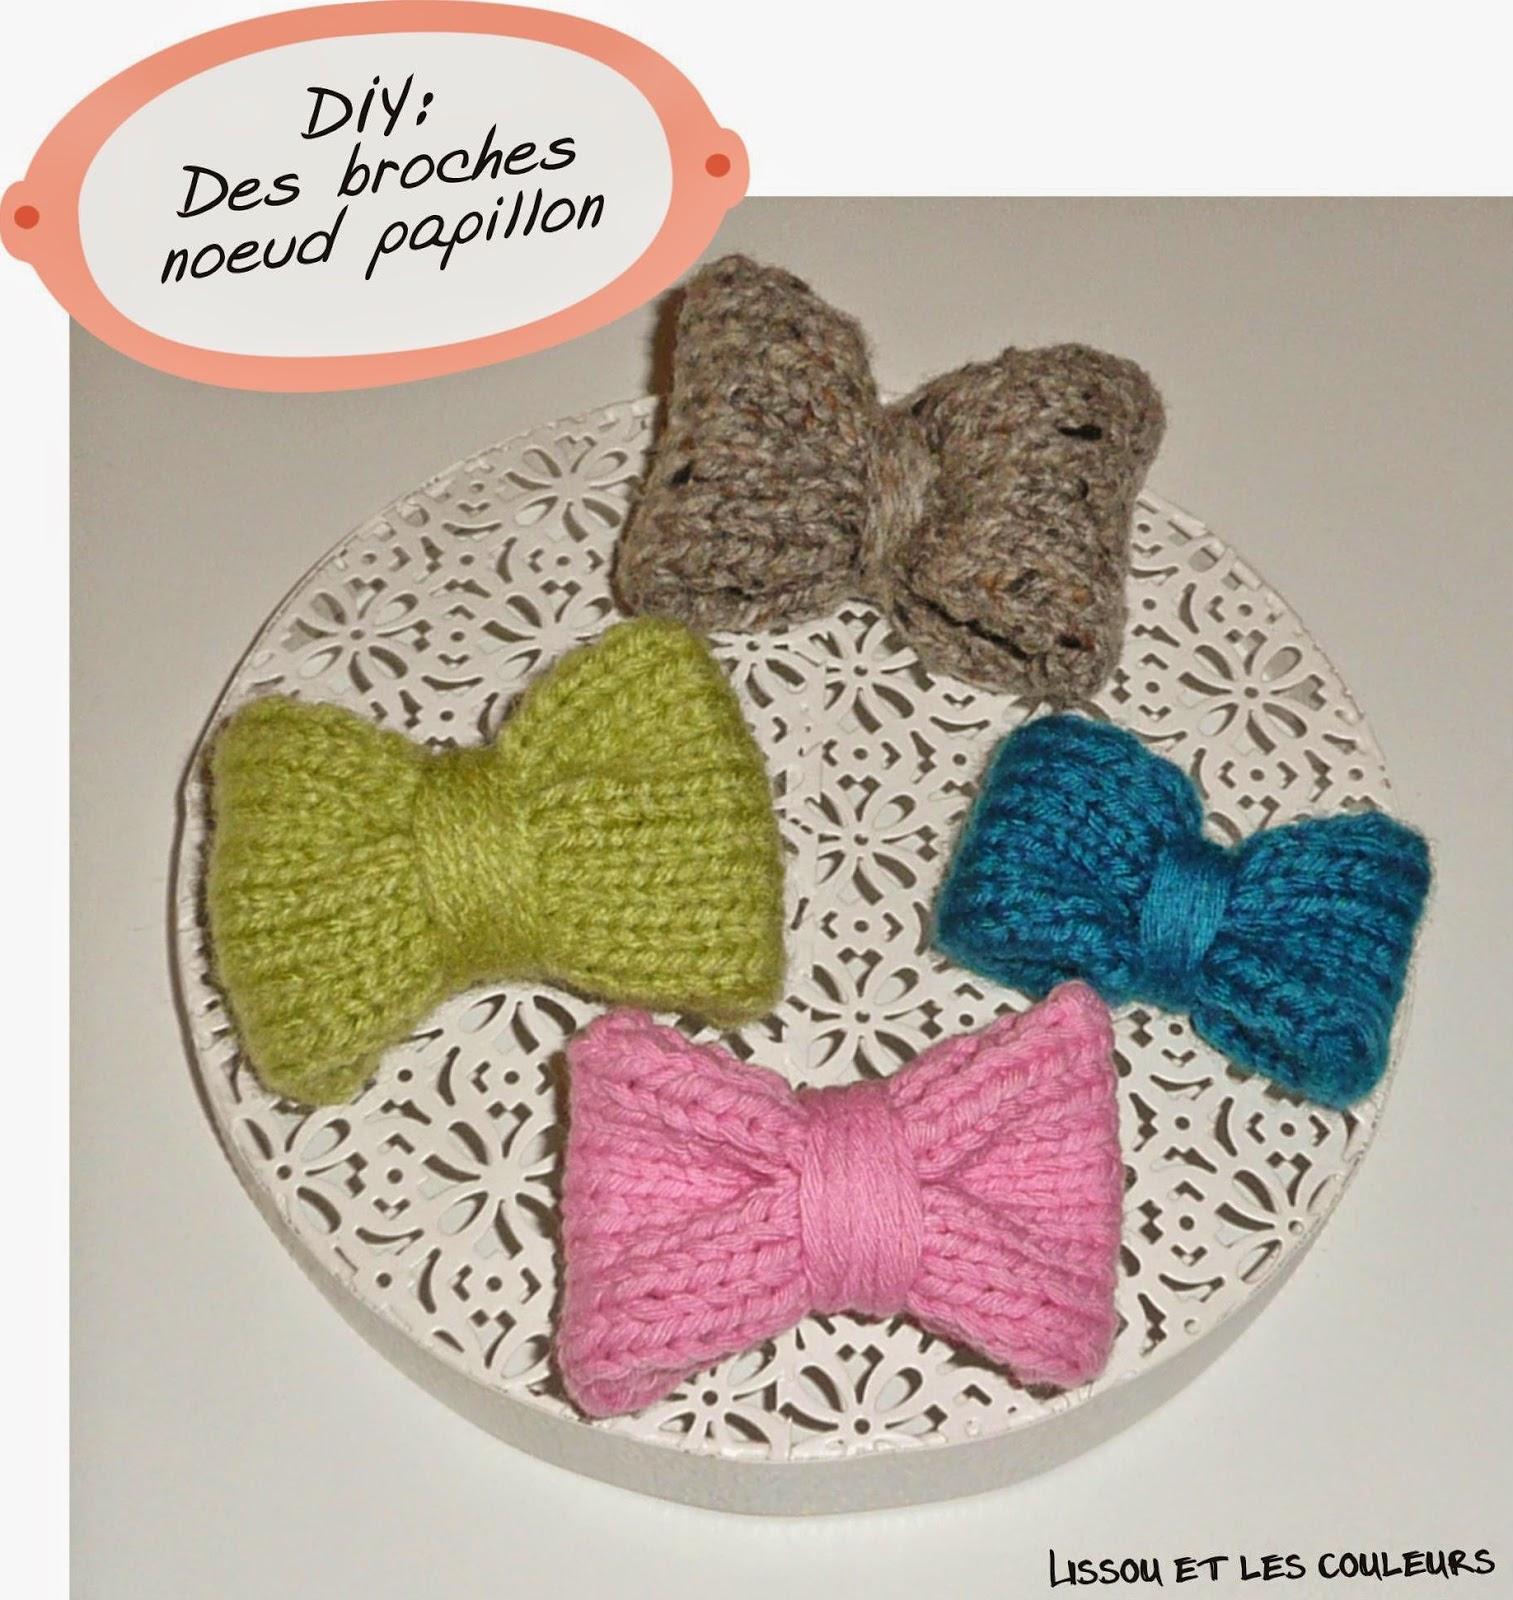 lissou et les couleurs diy tricoter des noeuds papillons. Black Bedroom Furniture Sets. Home Design Ideas